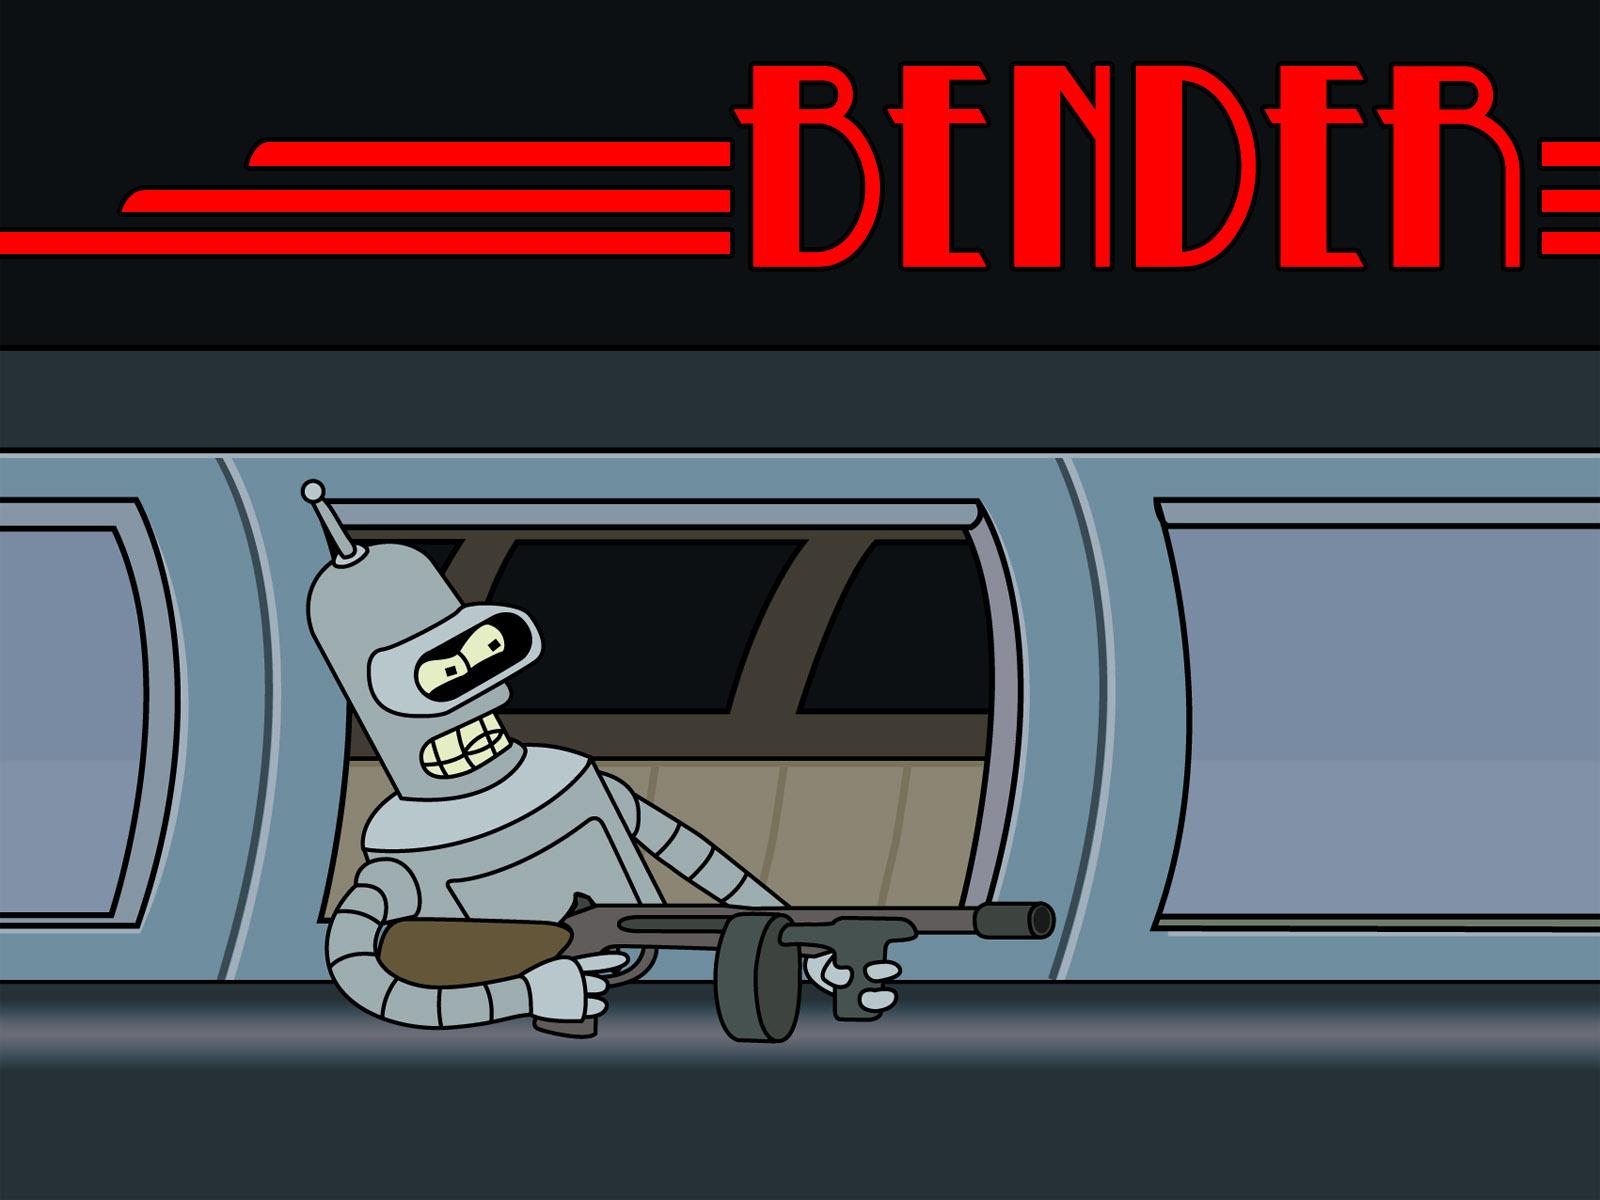 Bender Wallpaper by sargeras on DeviantArt